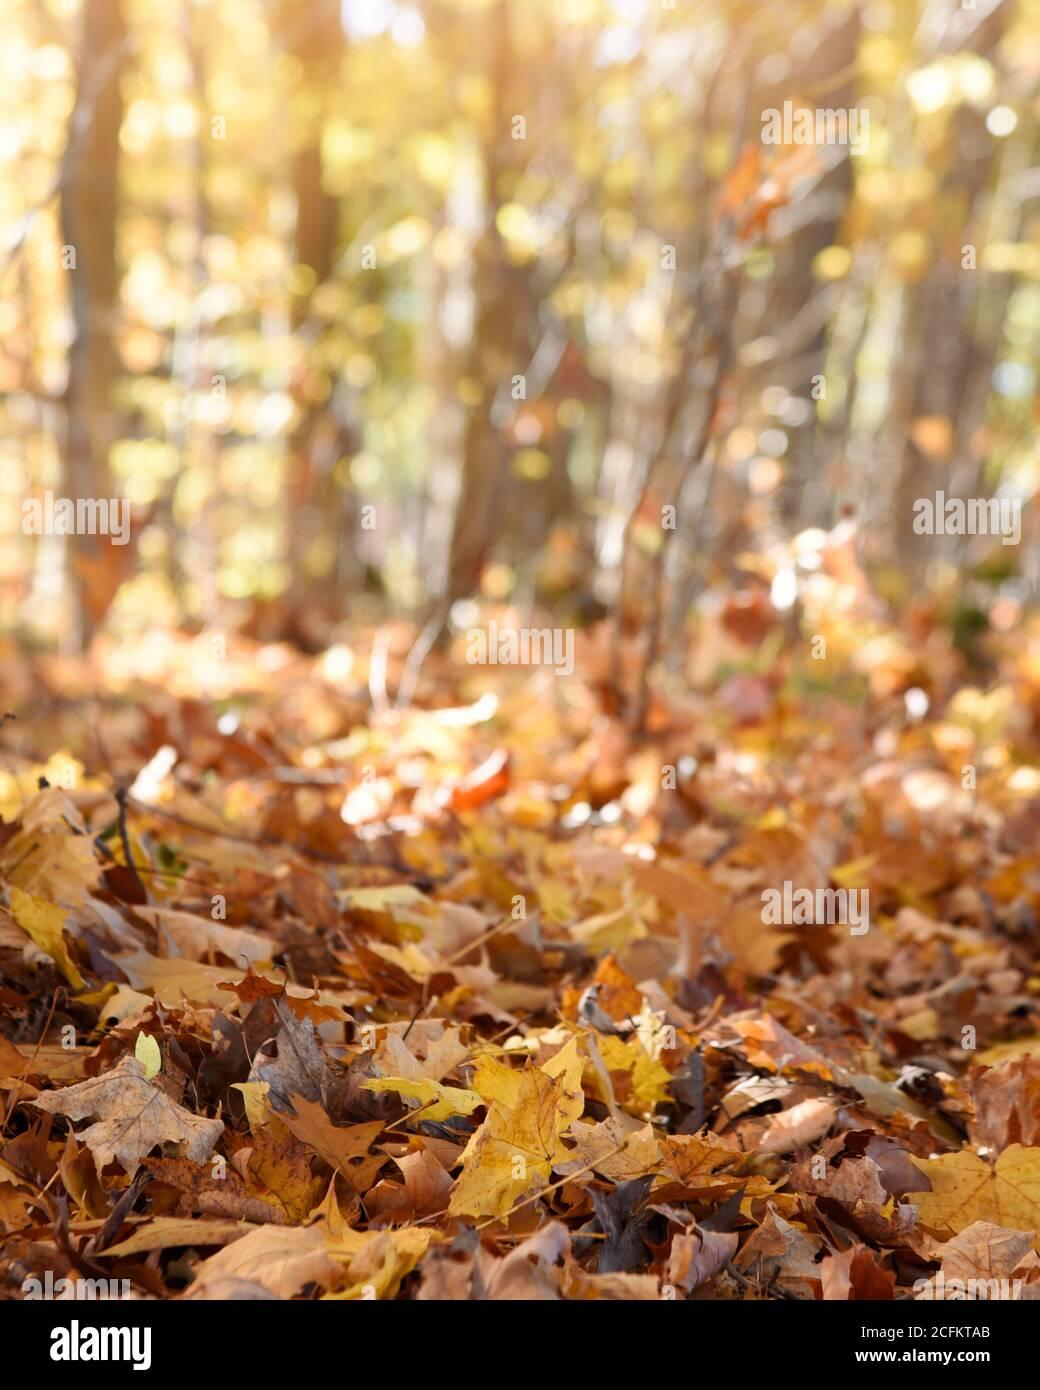 Un magnifique arrière-plan de feuillage d'automne avec copyspace et des feuilles d'orange avec soleil pour un message de saison Banque D'Images